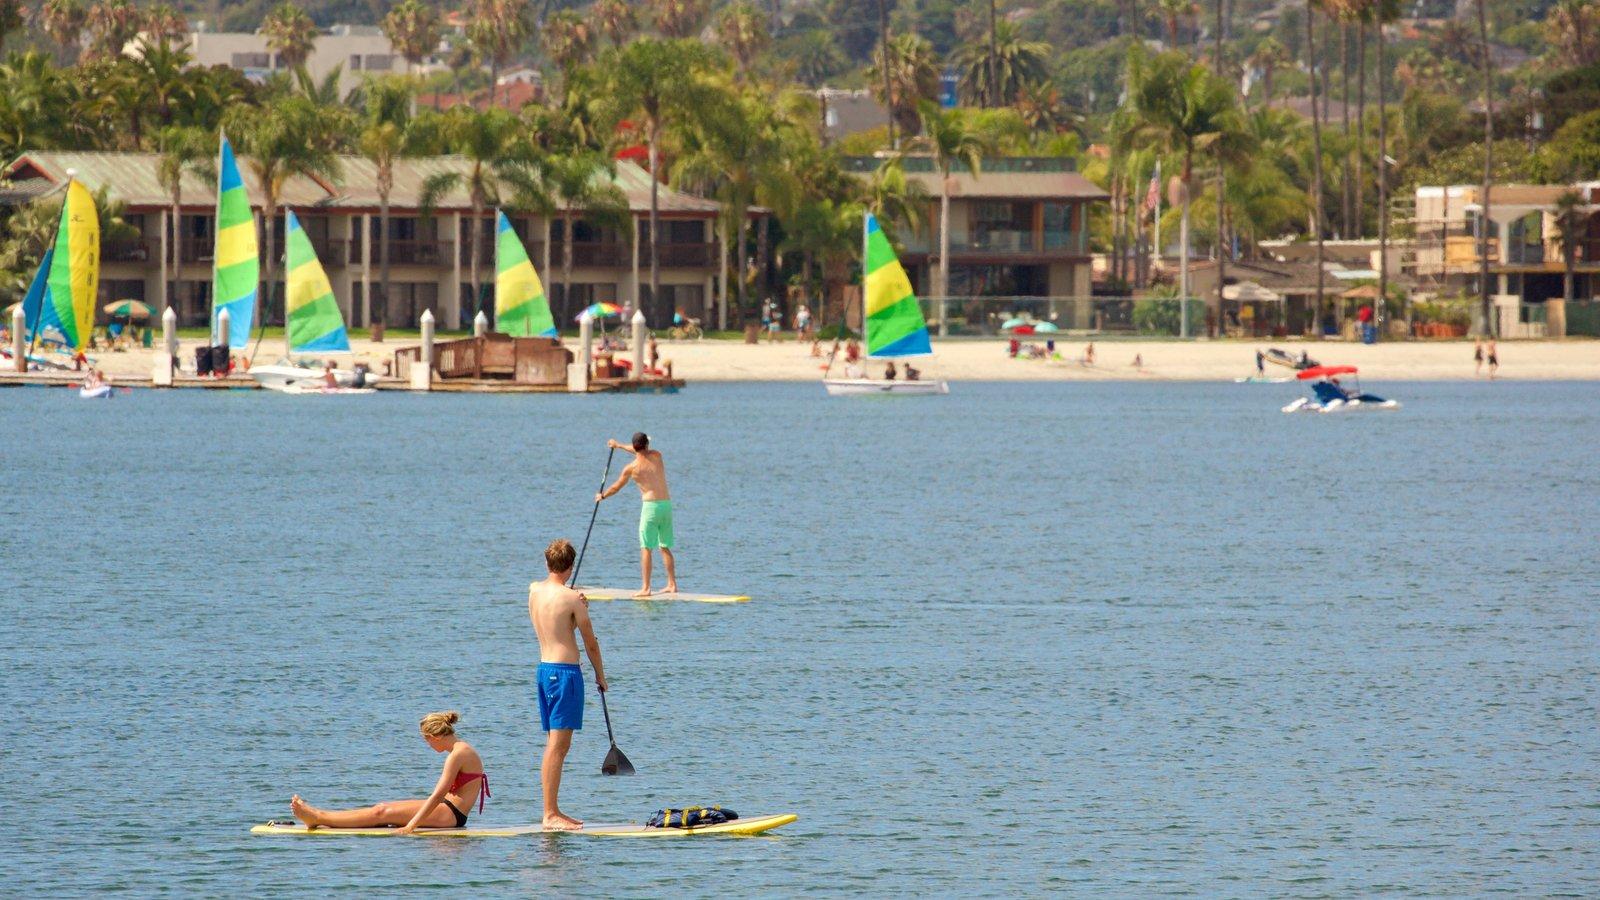 Mission Bay que inclui paisagens litorâneas, esportes aquáticos e uma praia de areia